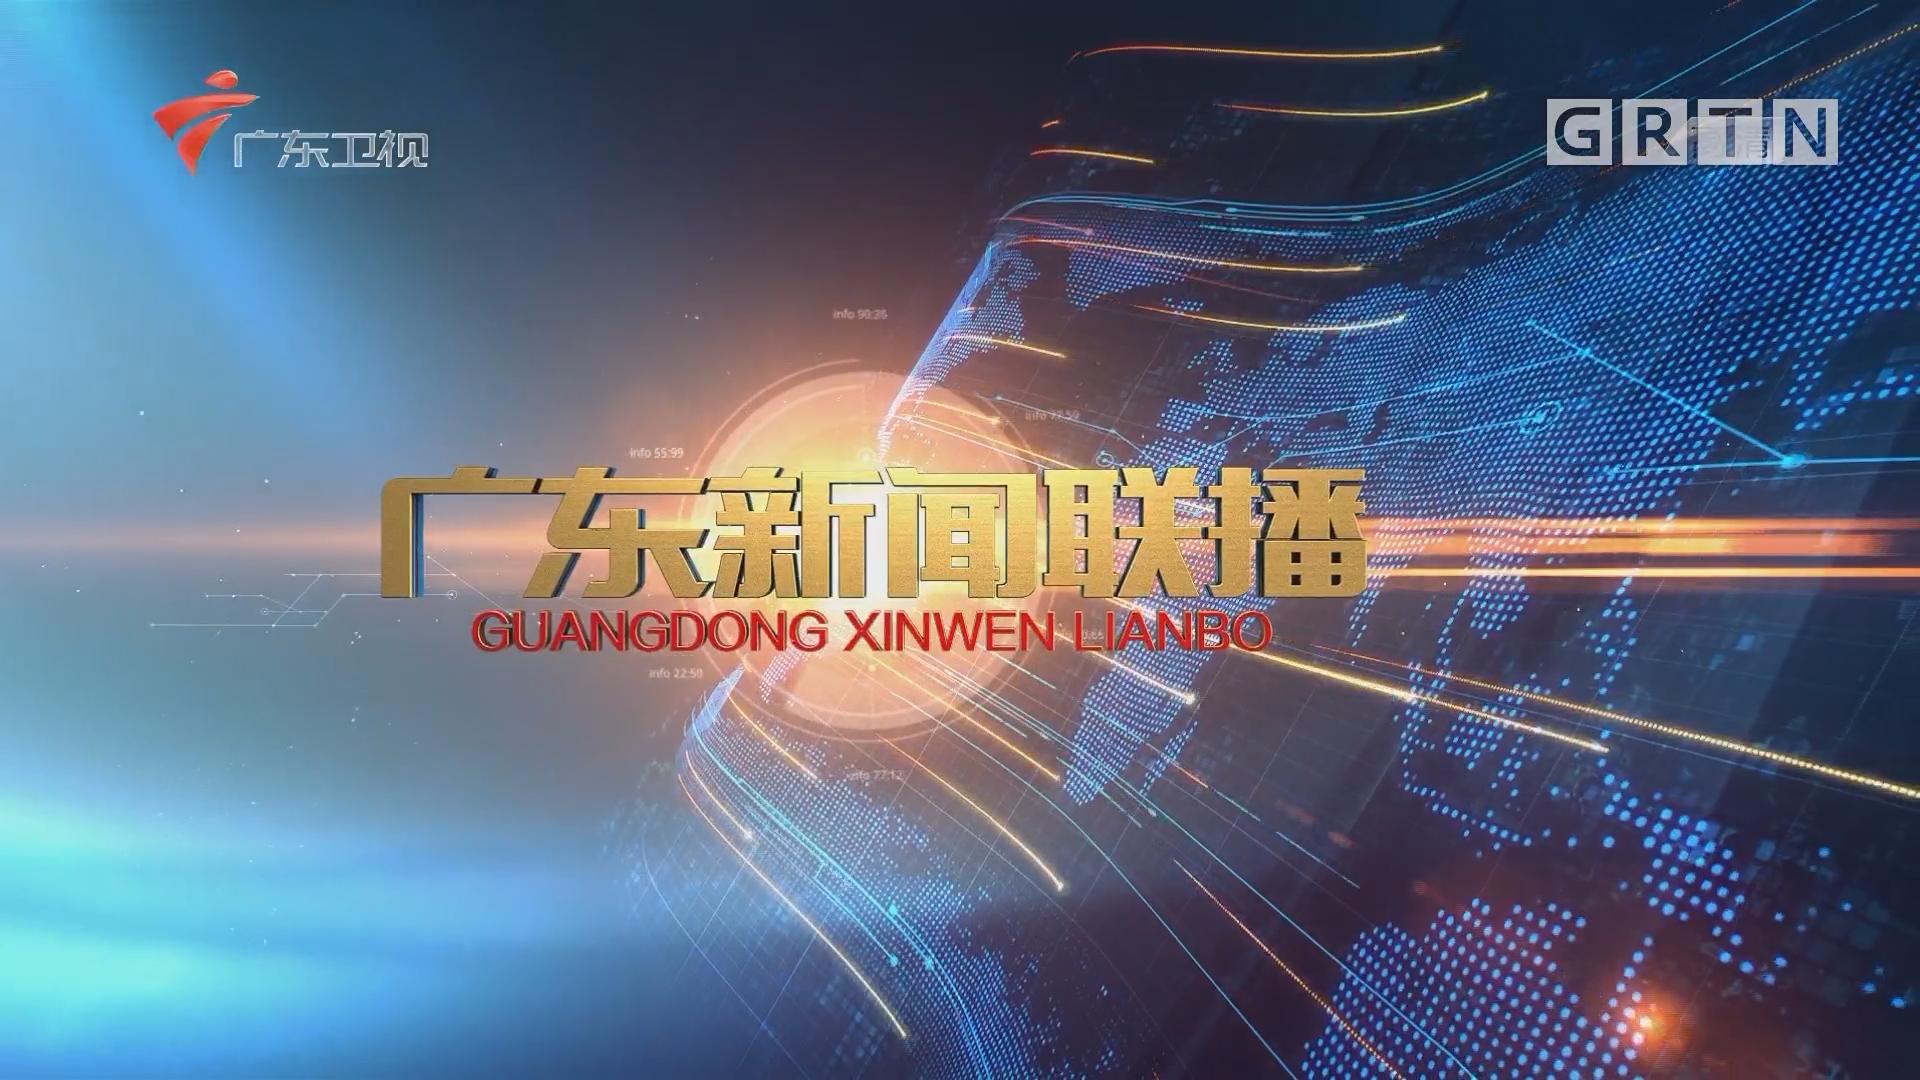 [HD][2018-06-27]广东新闻联播:江湛铁路:打造名副其实的生态铁路线